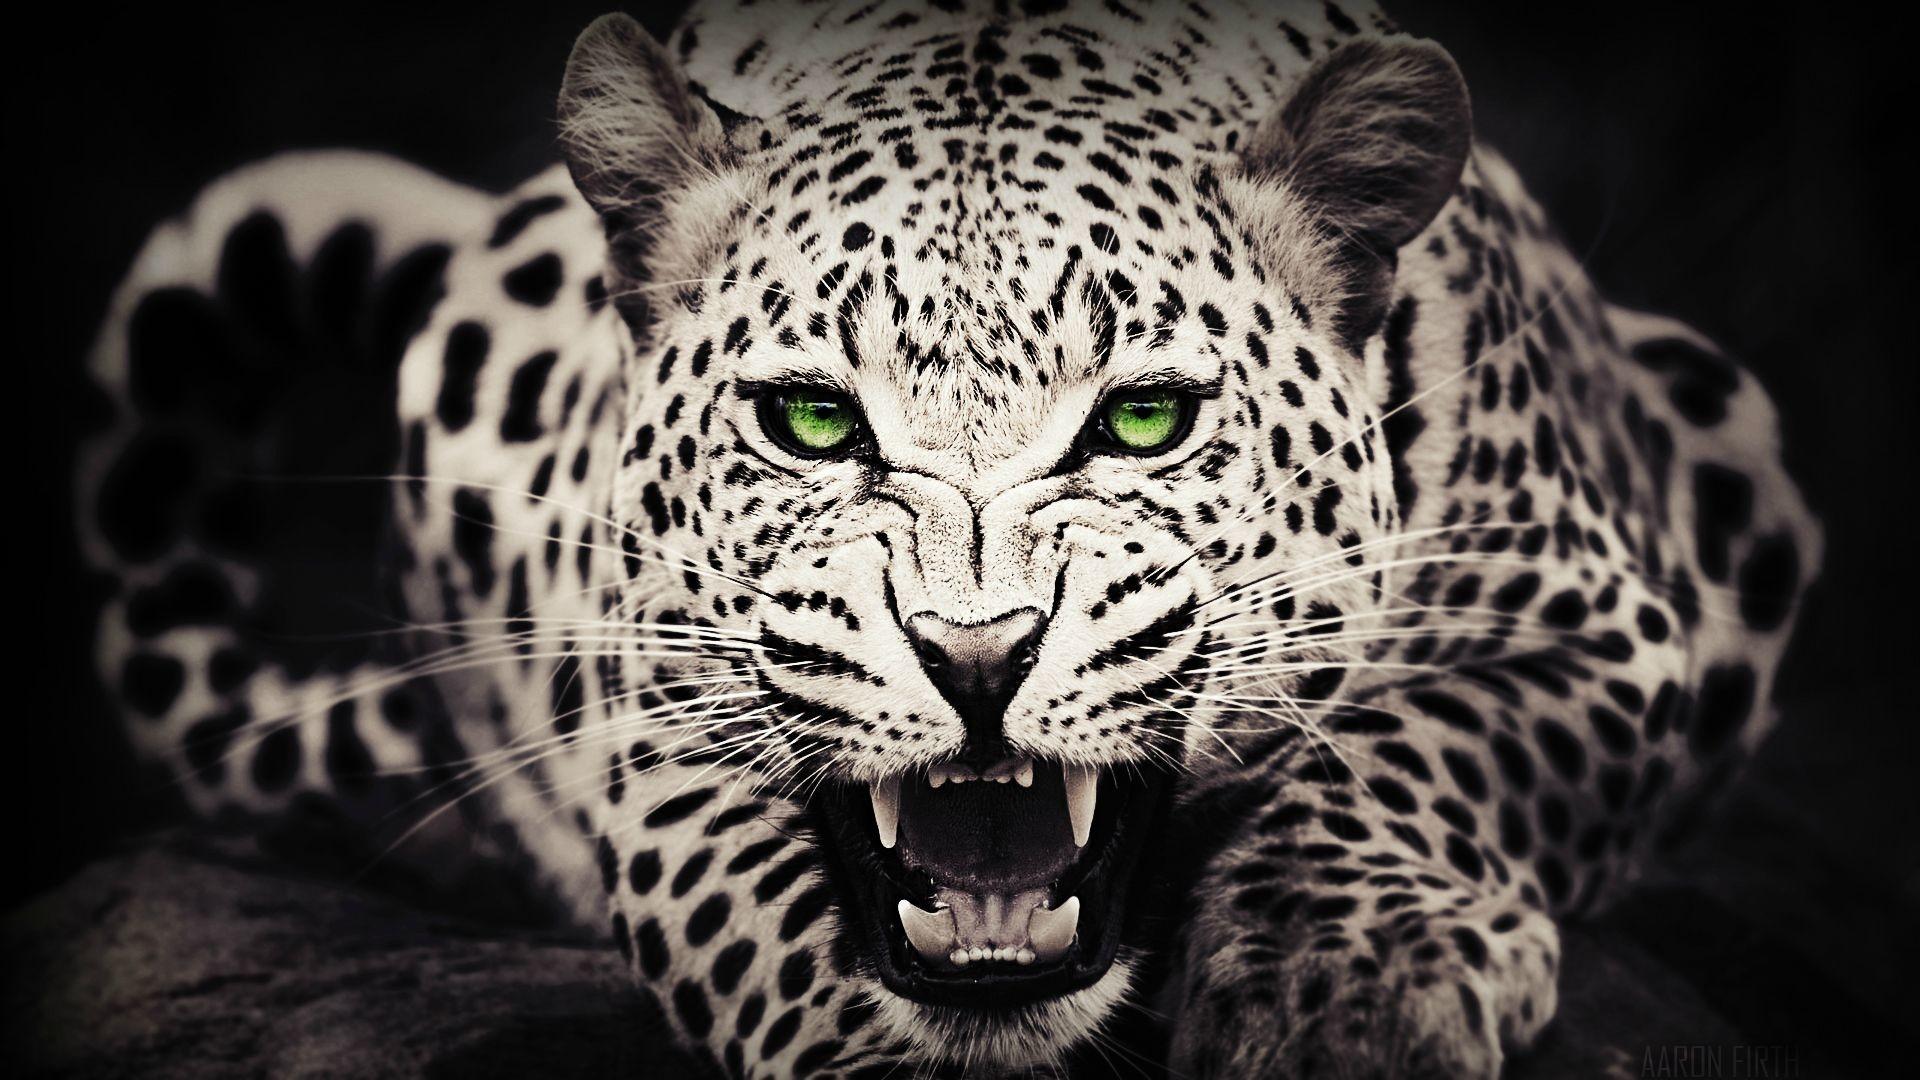 jaguar hd wallpapers 1080p free download